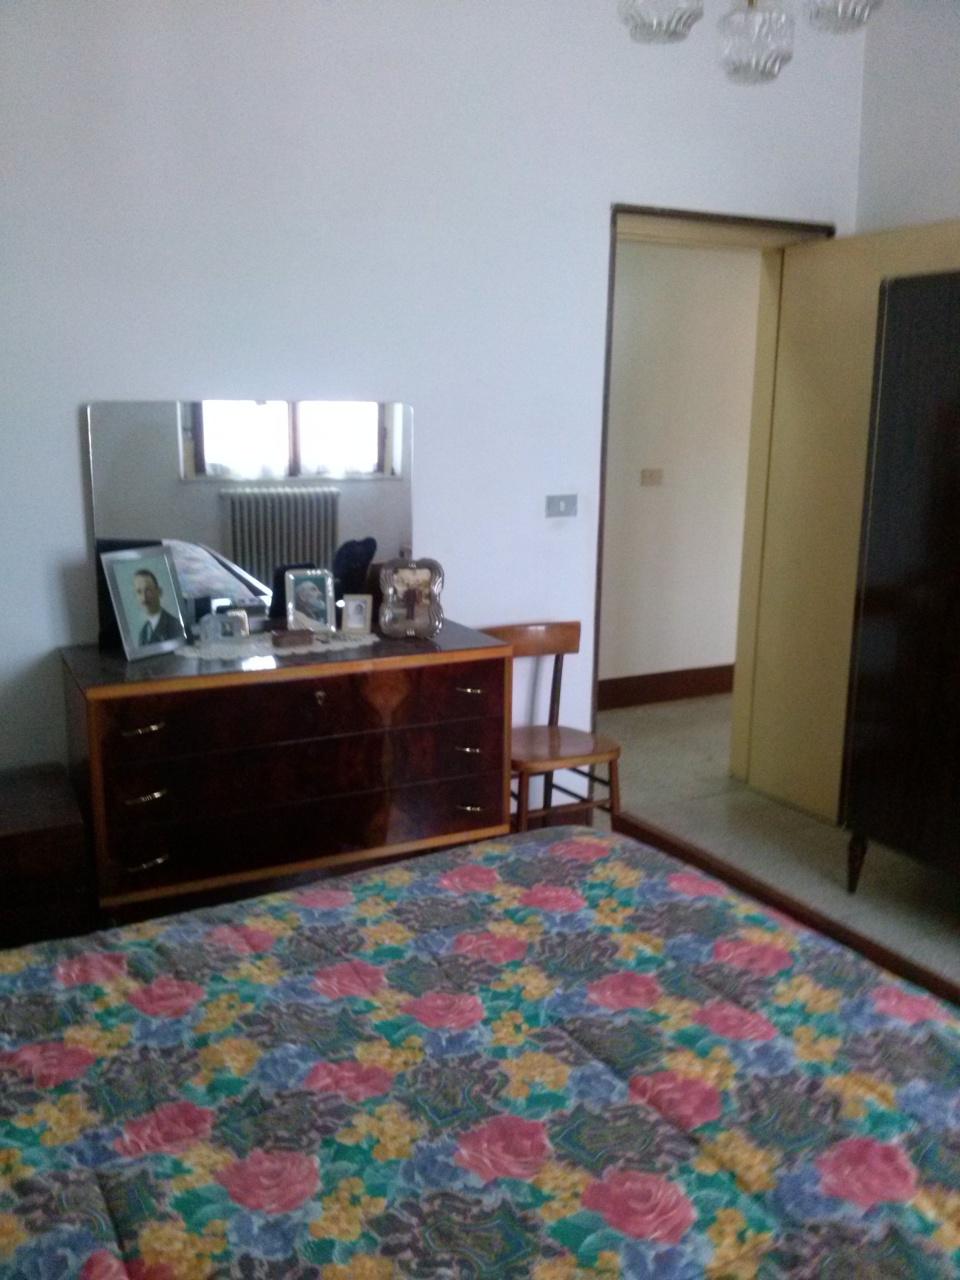 Appartamento in vendita a Acquasanta Terme, 9999 locali, prezzo € 55.000 | Cambio Casa.it